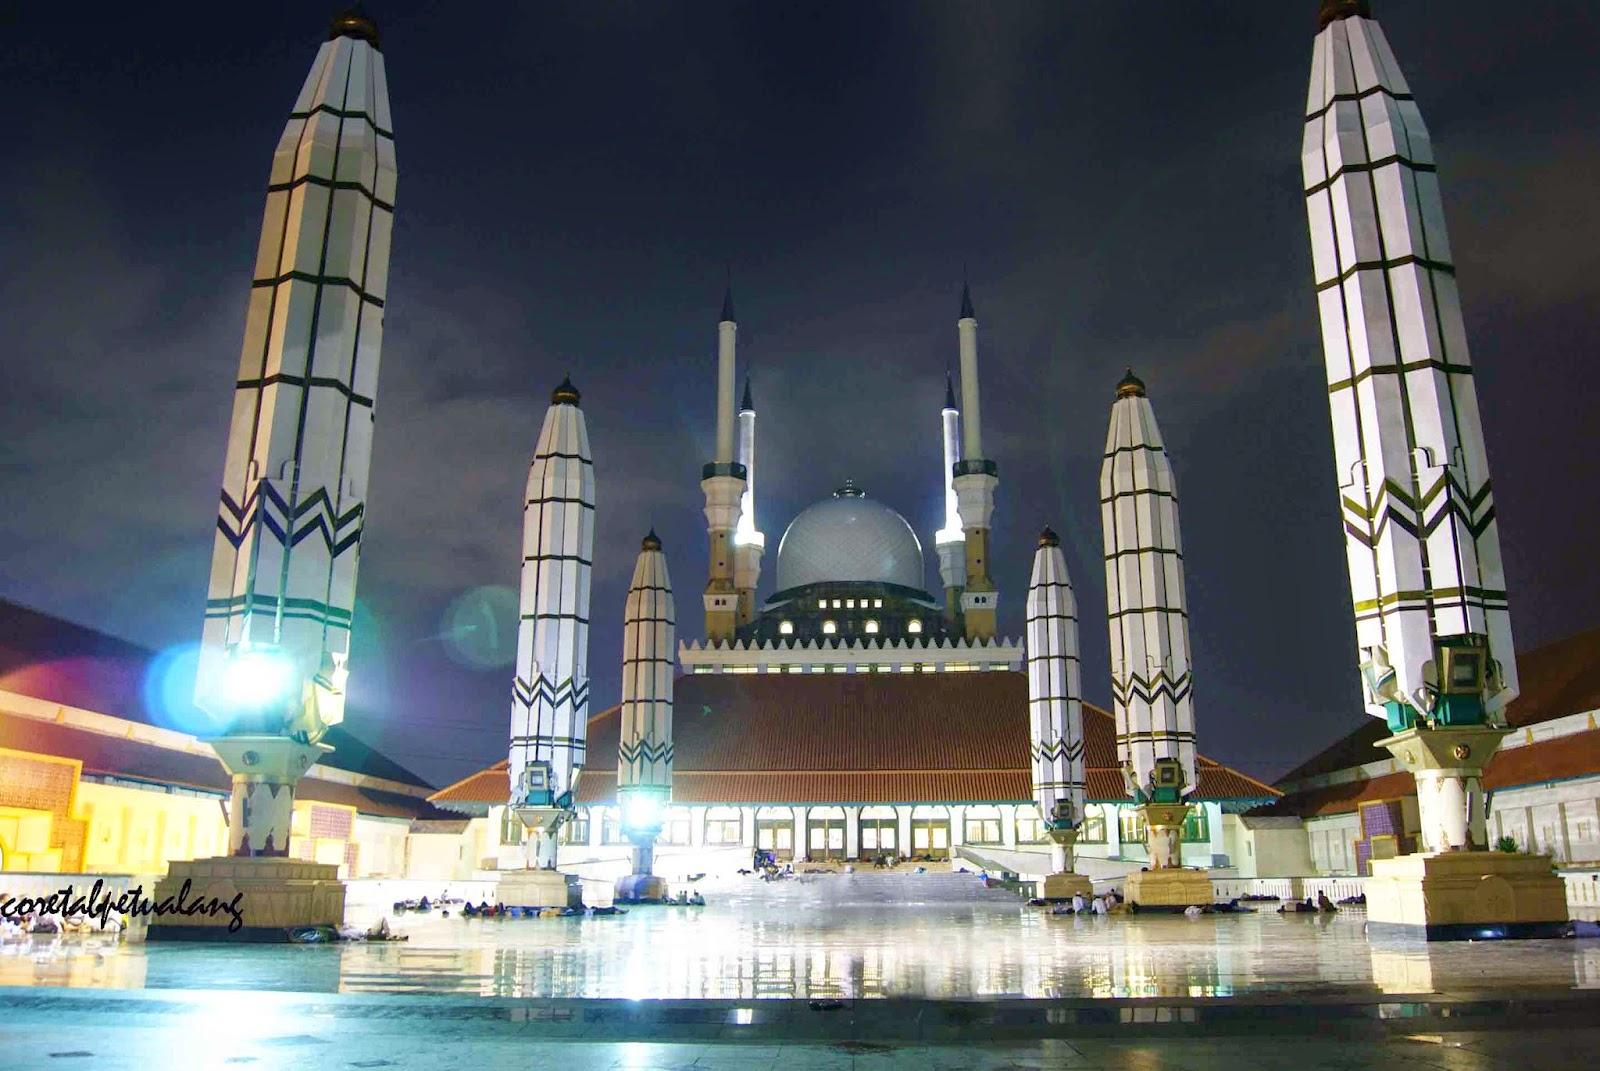 Daftar 13 Tempat Wisata Favorit Di Kota Semarang WISATA INDONESIA